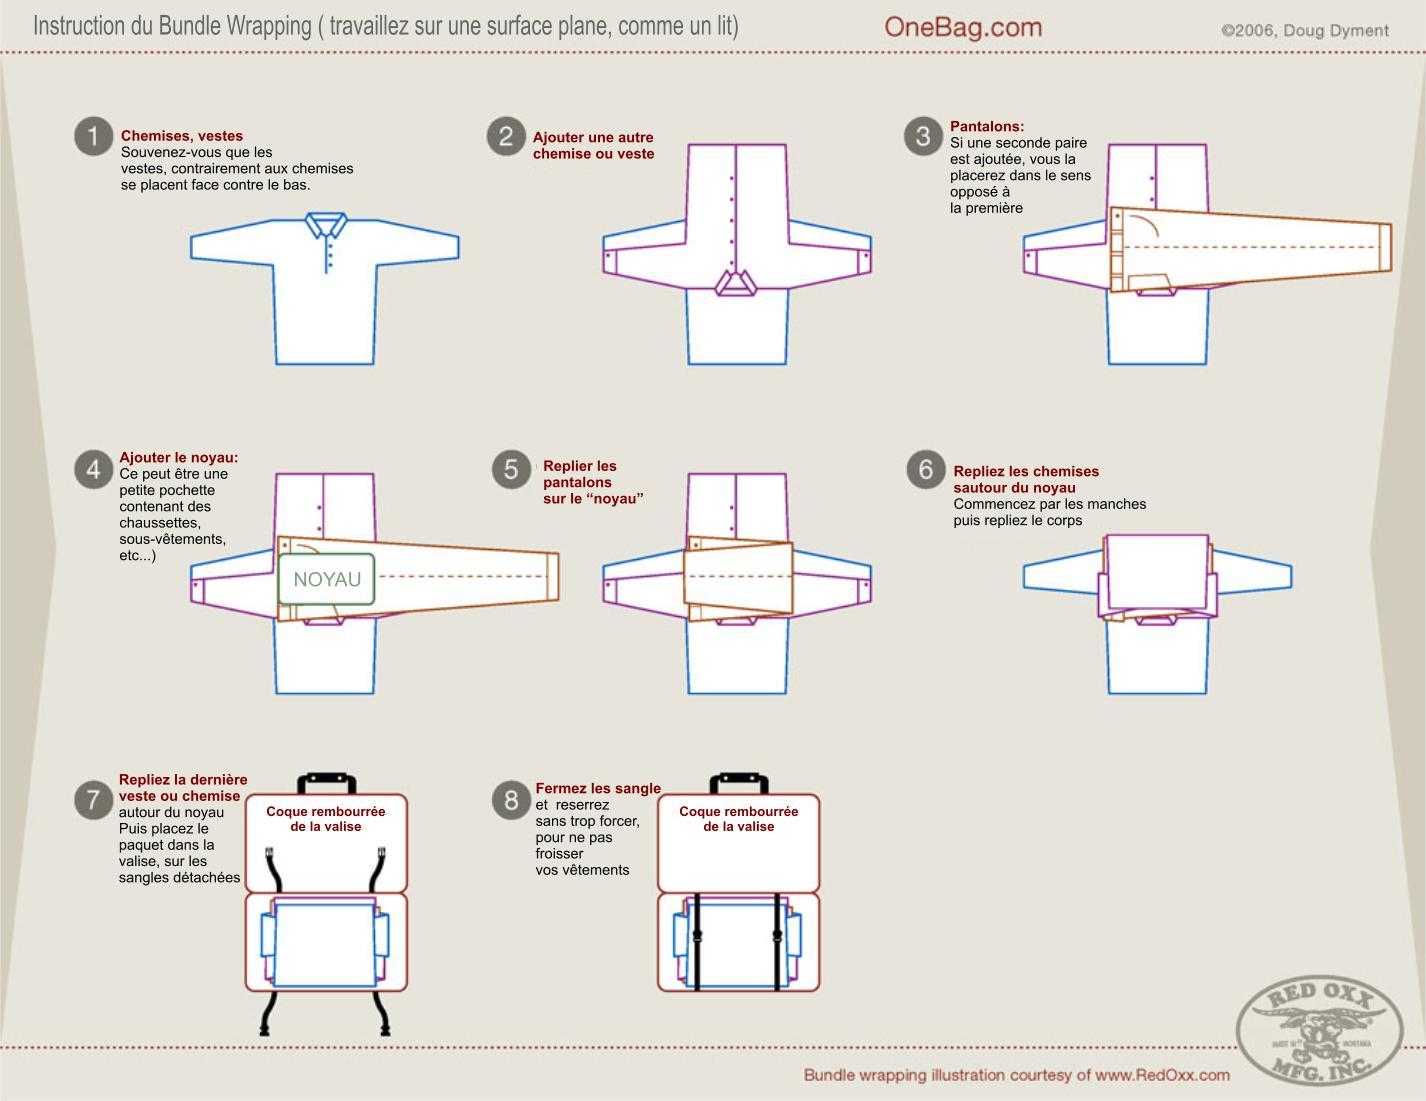 voyages bergeron comment faire une petite valise pour 60 jours de vacances. Black Bedroom Furniture Sets. Home Design Ideas